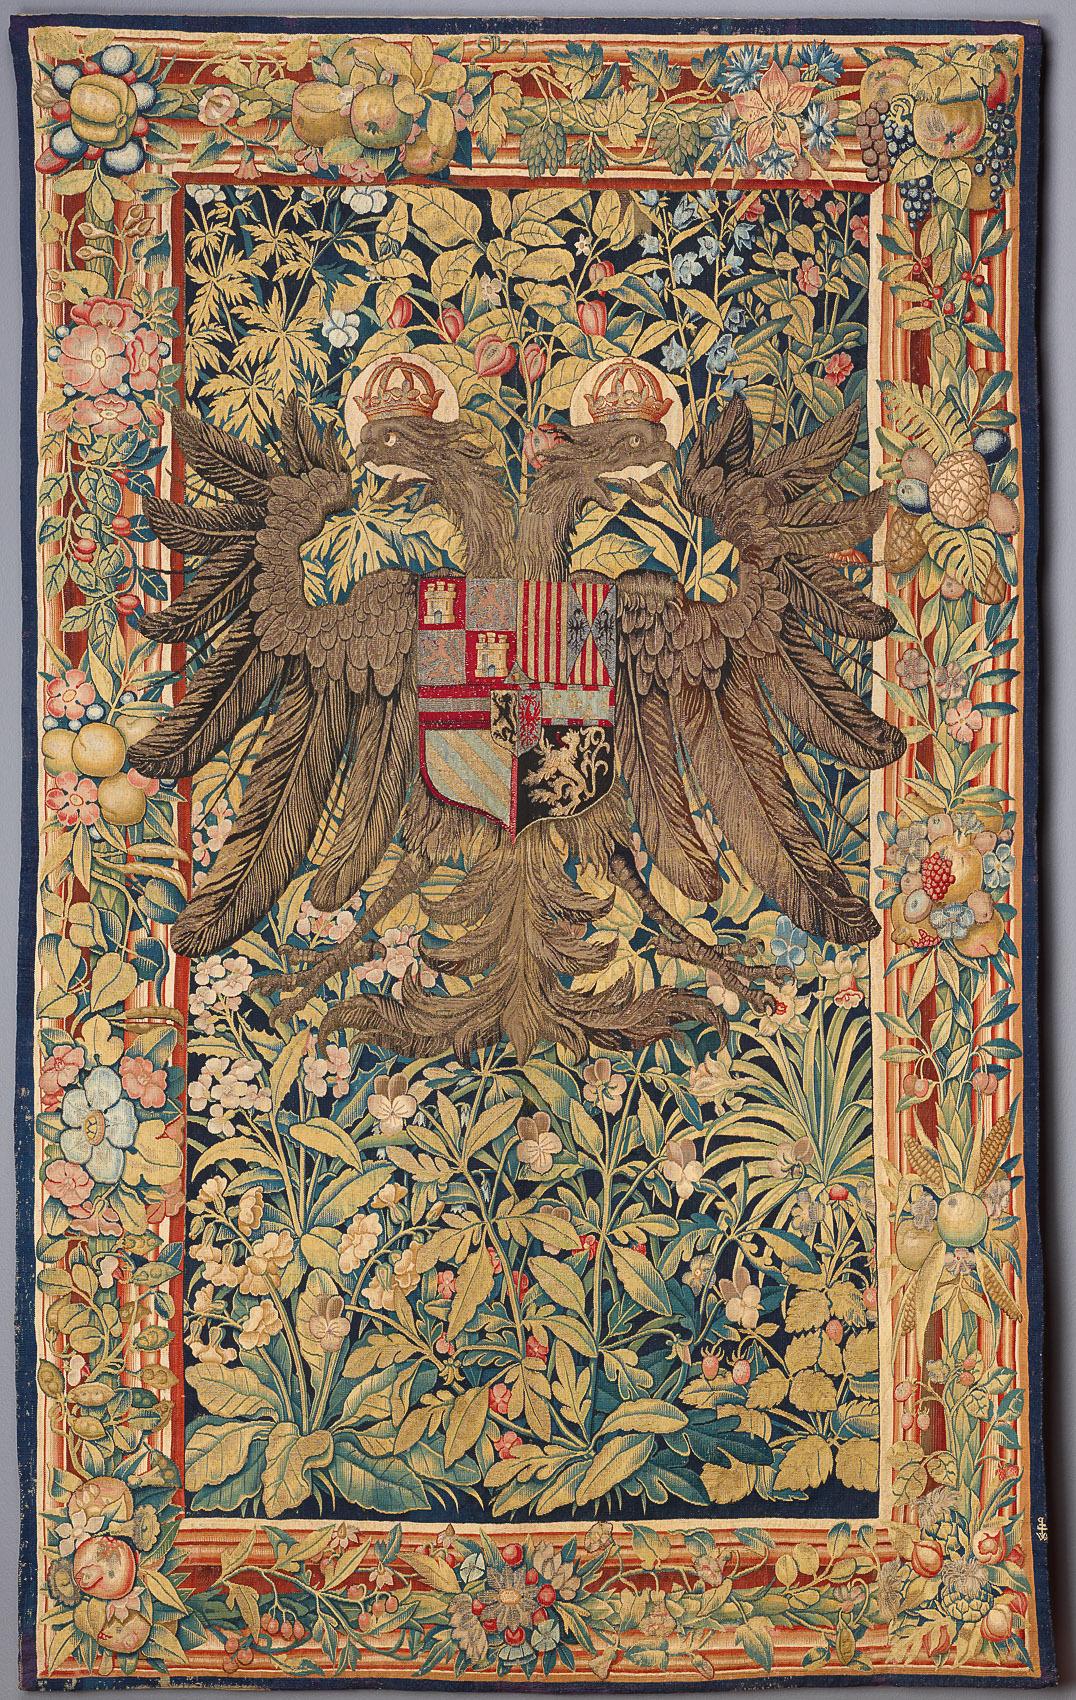 7. Ein gekrönter kaiserlich römischer Doppeladler in einer Verdüre